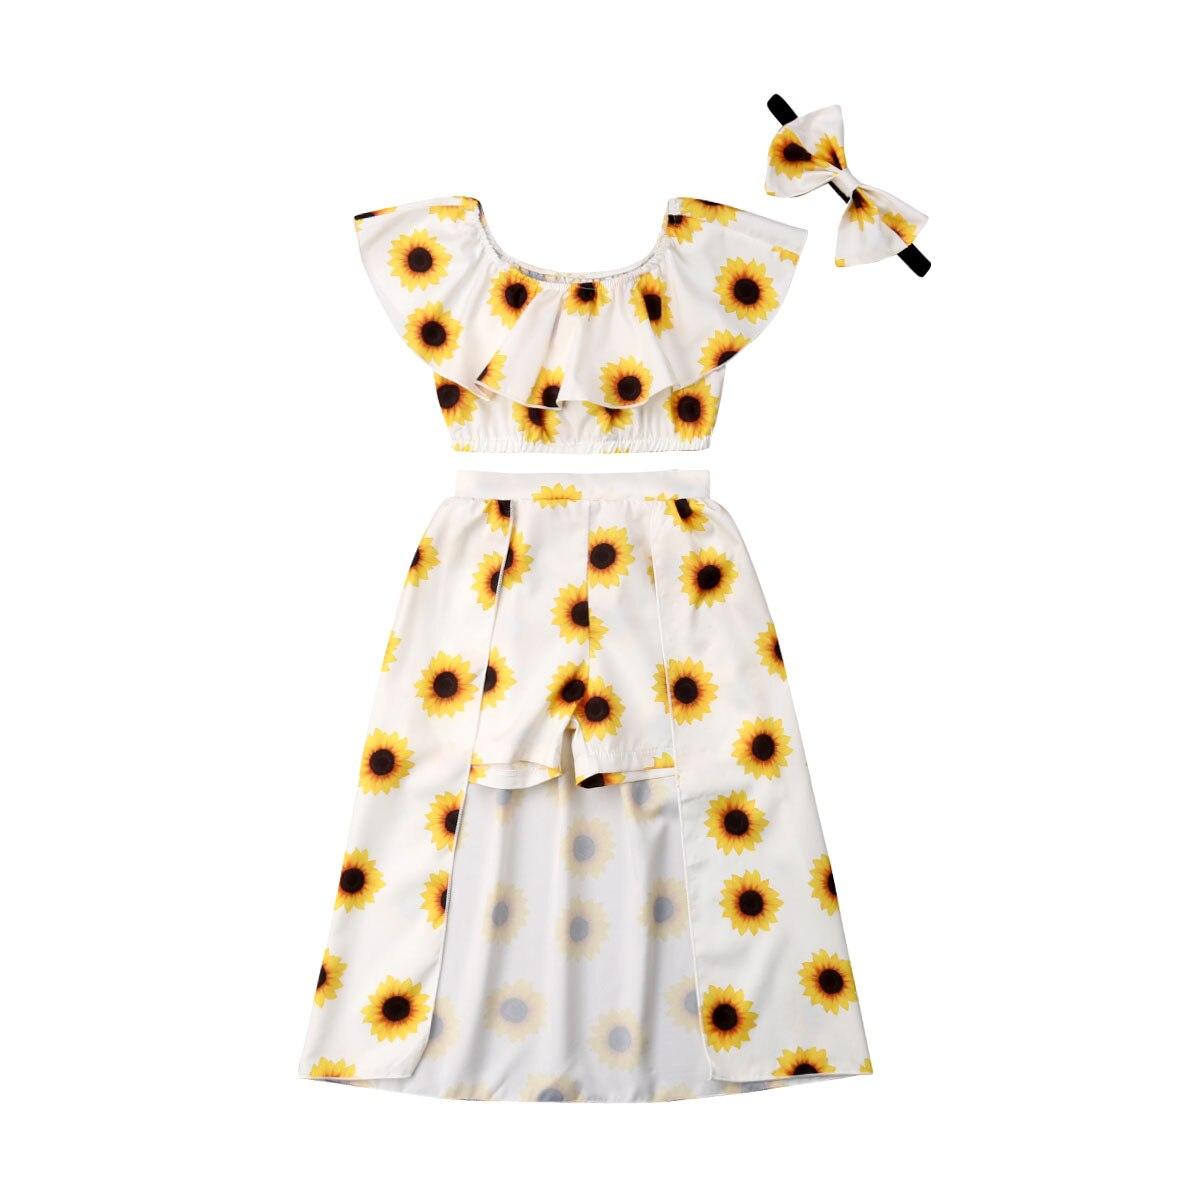 1-6 años de moda para niños recién nacidos, niña, girasol, hombros descubiertos, Tops cortos, vestido, diadema, trajes, ropa bonita